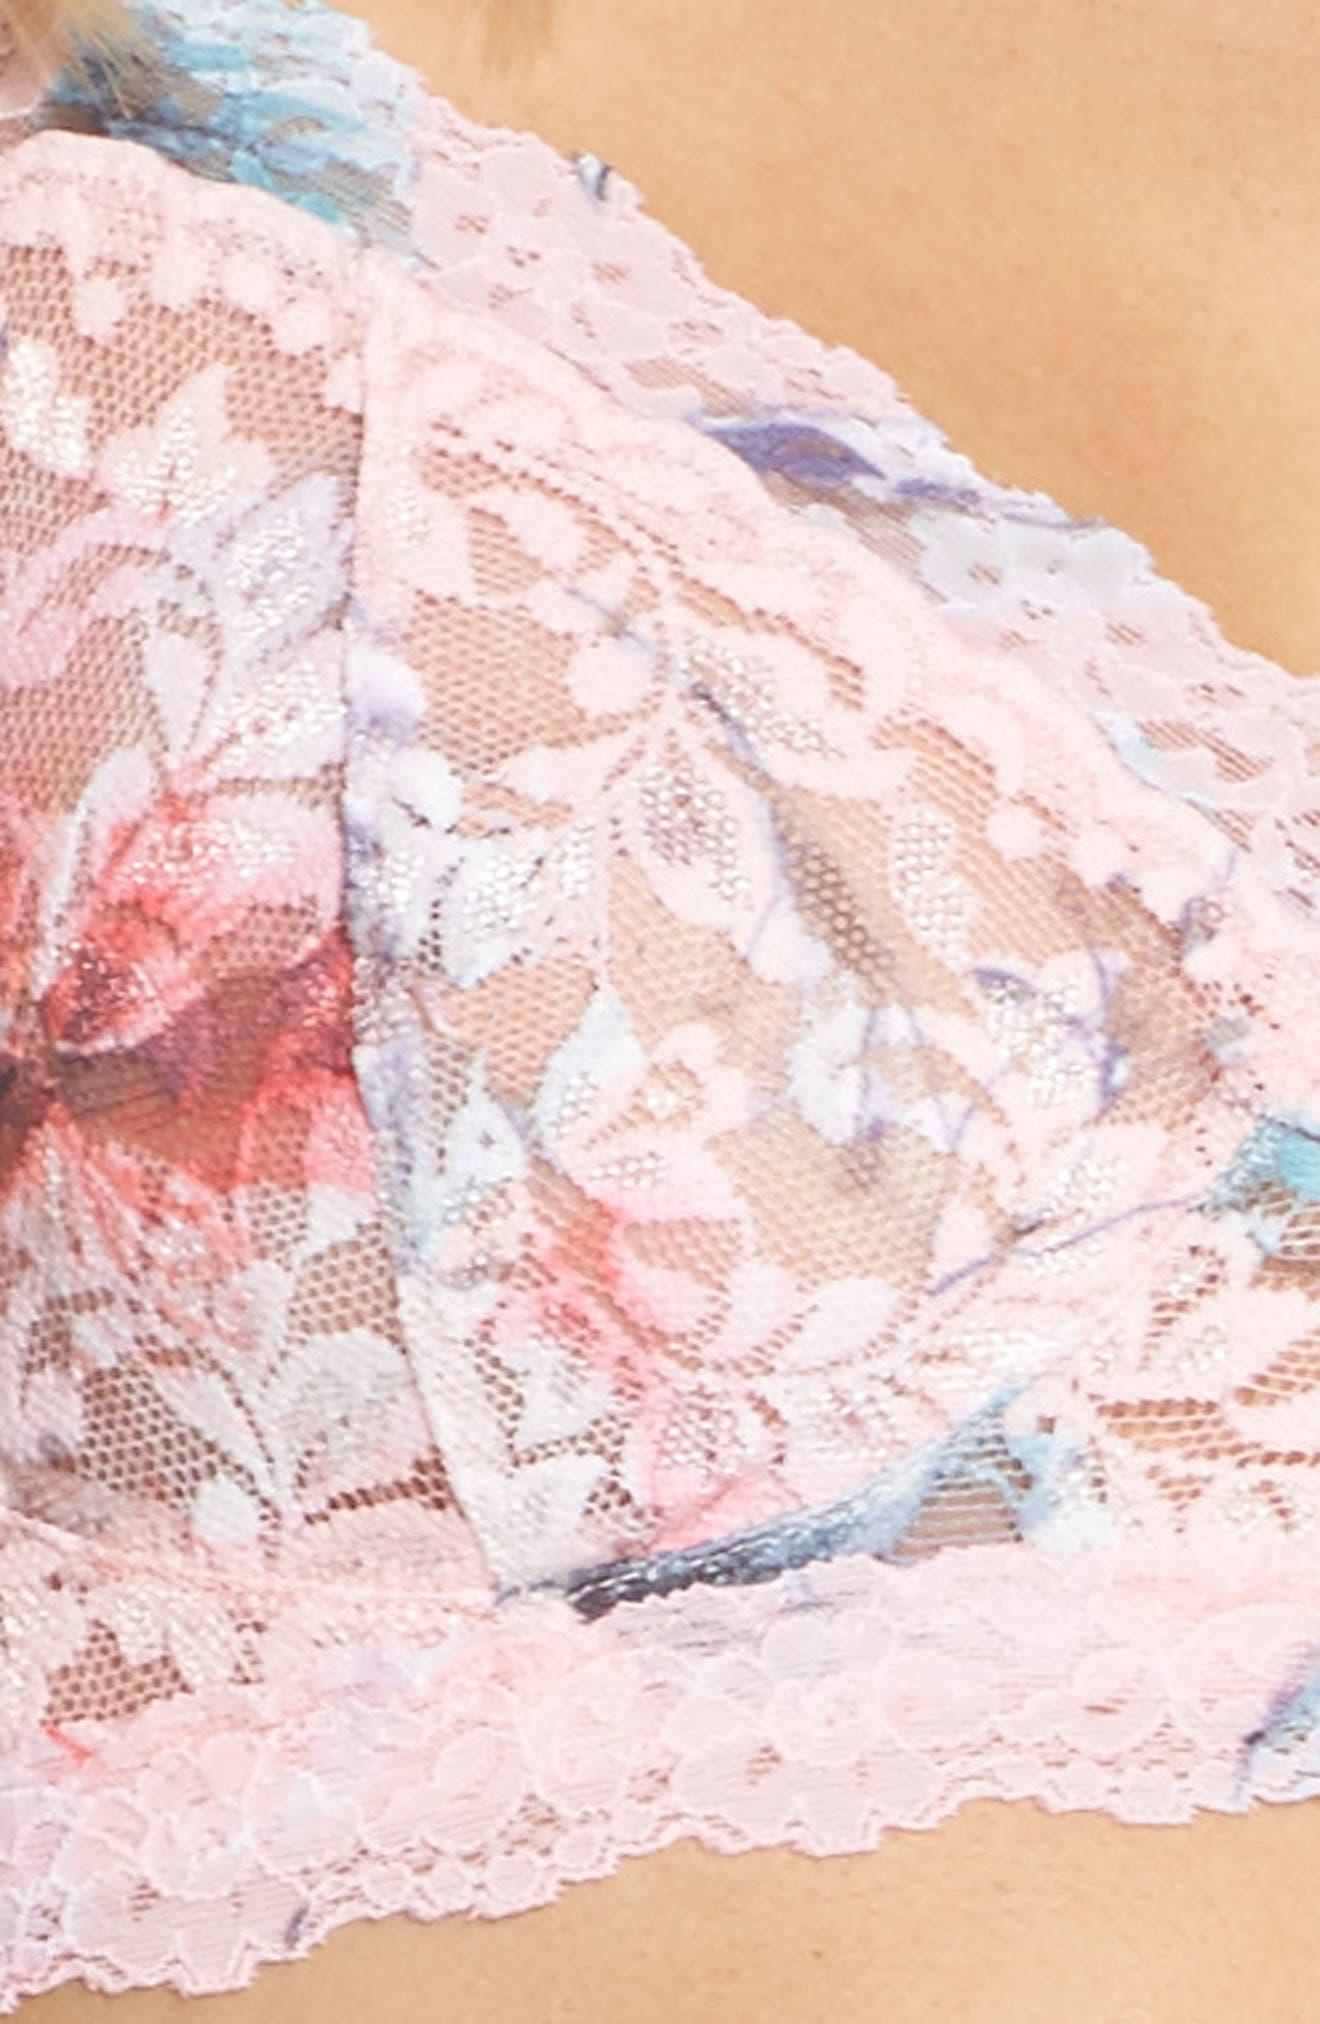 Cherie Retro Bralette,                             Alternate thumbnail 4, color,